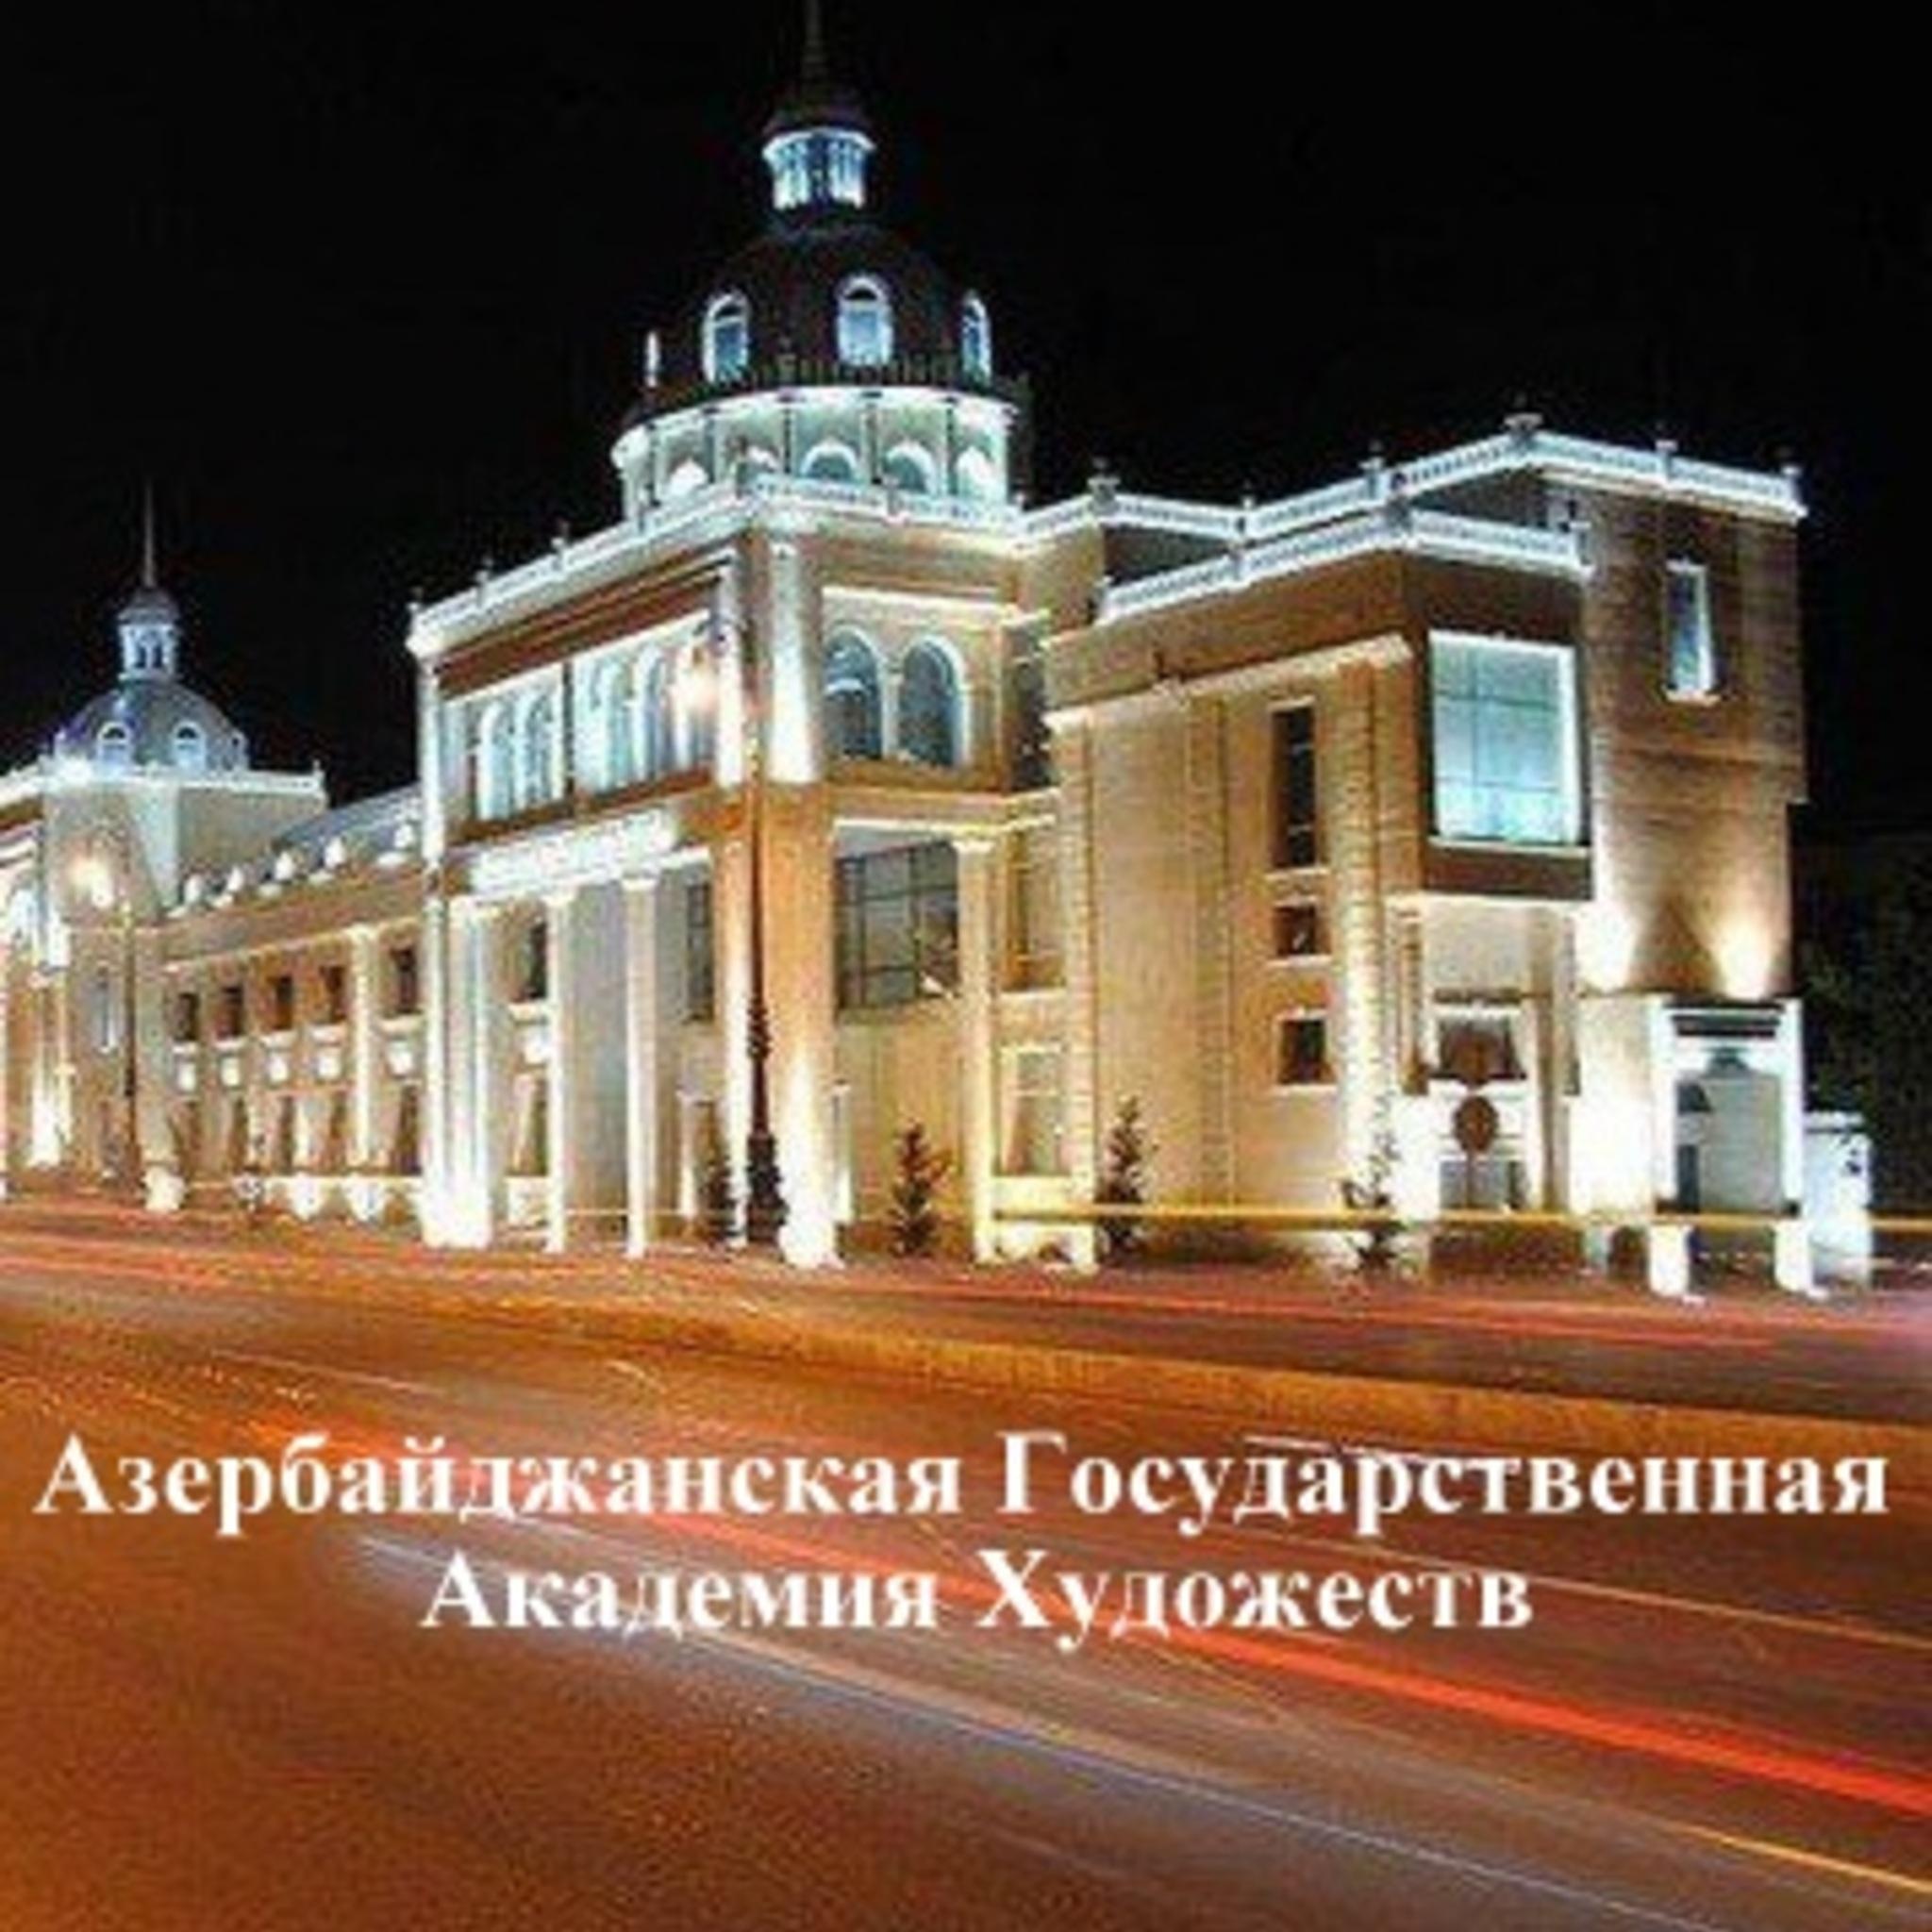 Азербайджанская Государственная Академия Художеств